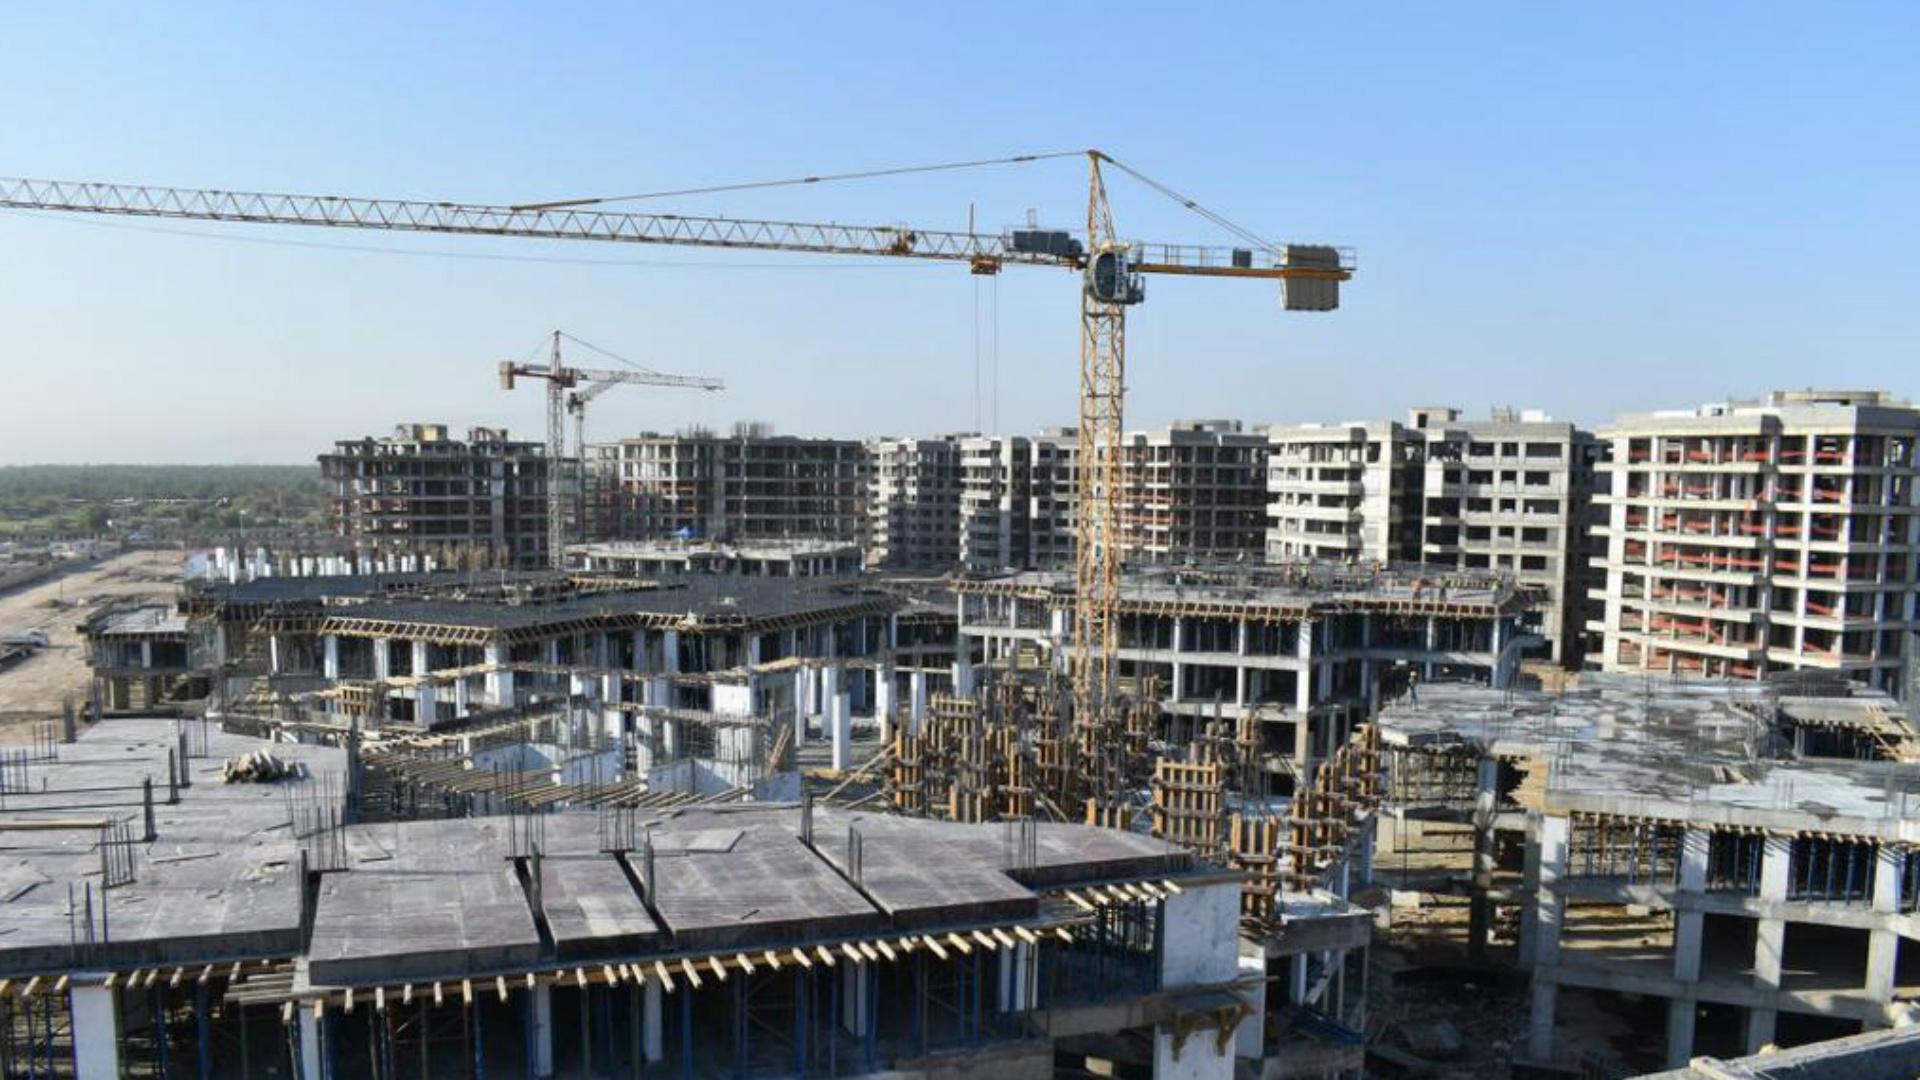 محافظ بغداد يعلن عن خطة لبناء 1000 مدرسة في عموم العراق